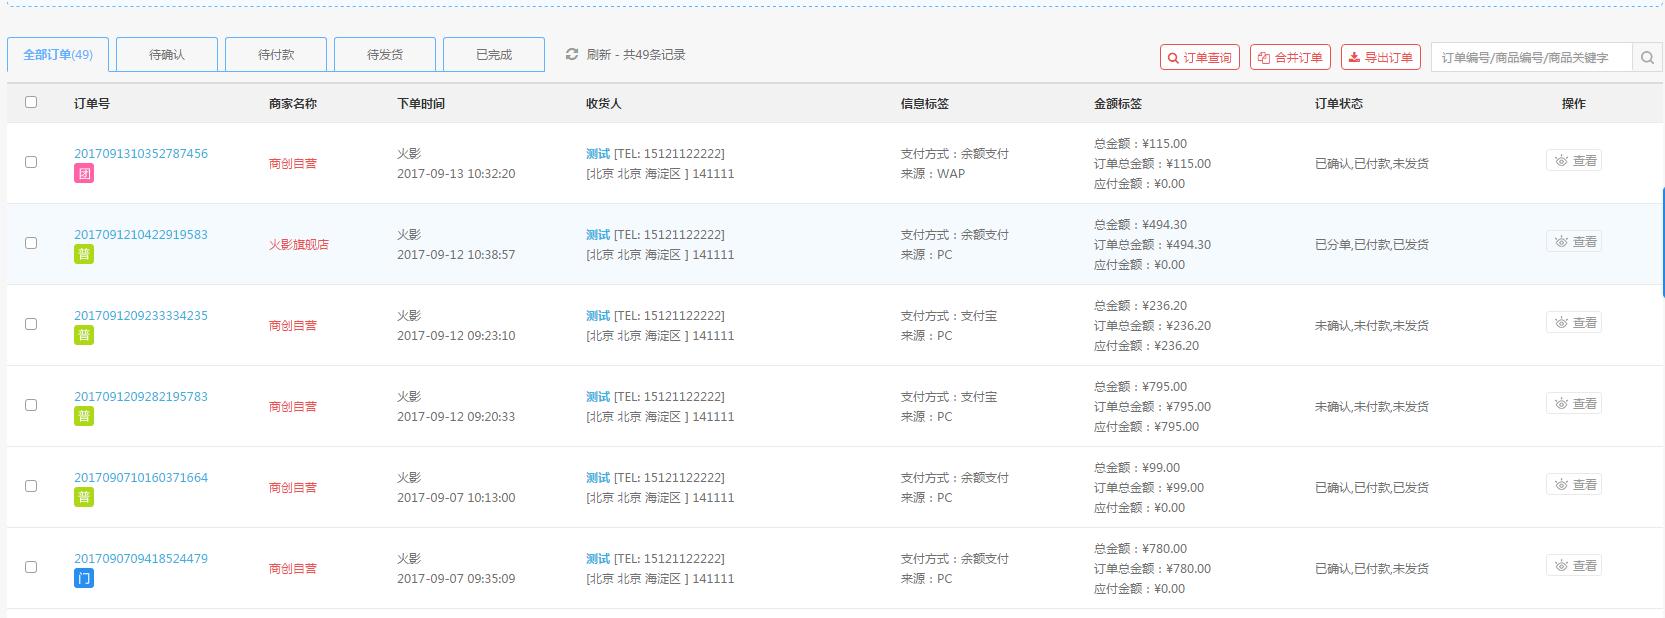 【大商创常见问题解疑】订单列表